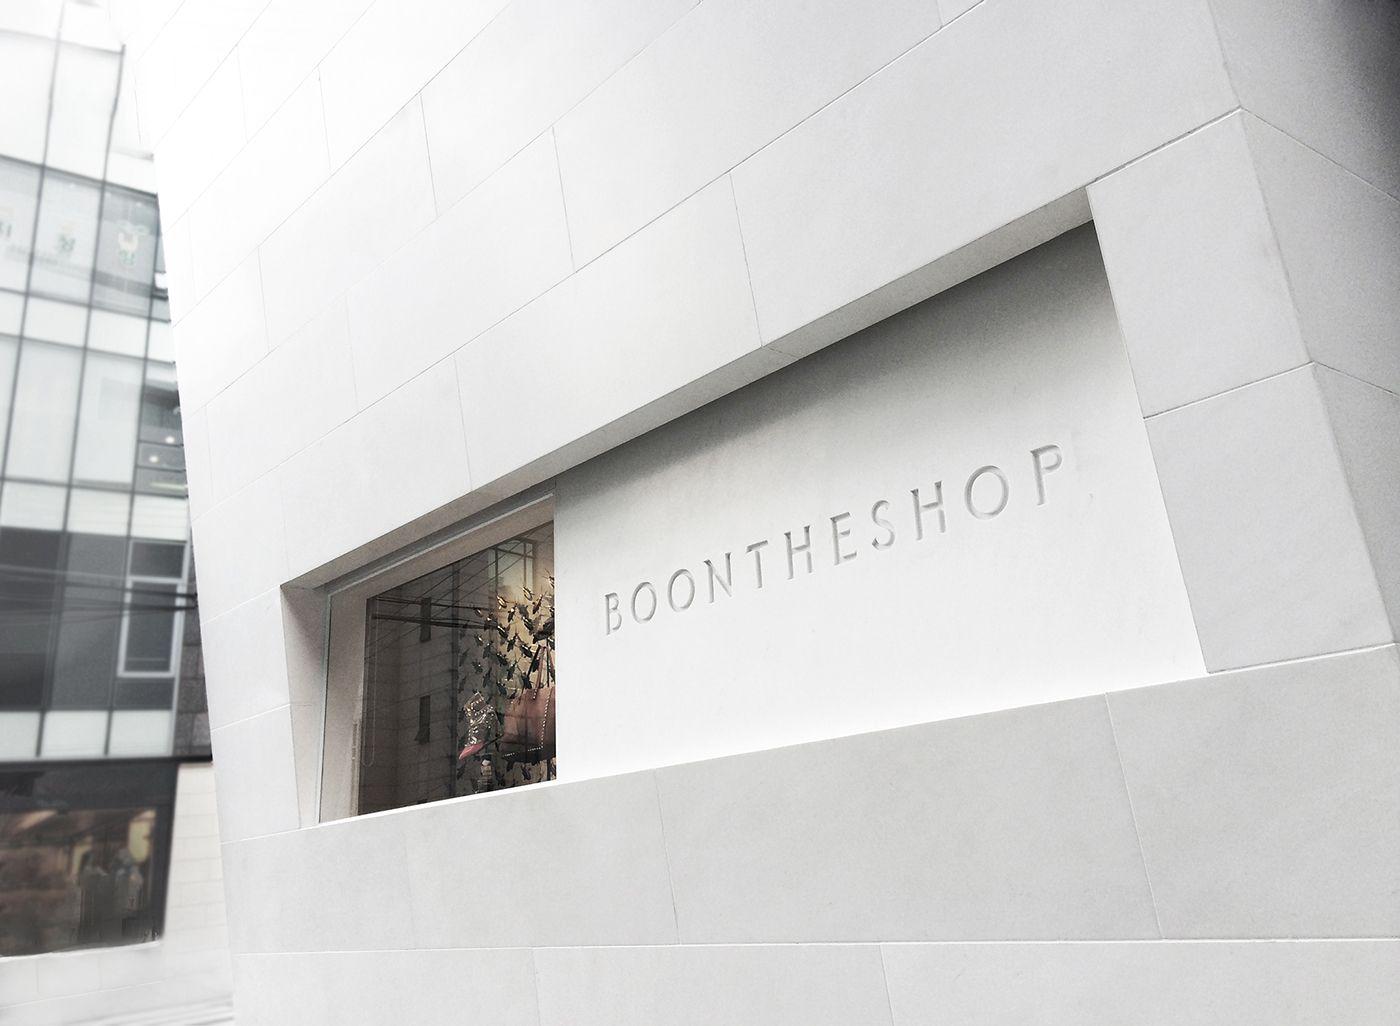 Boontheshop Branding | Abduzeedo